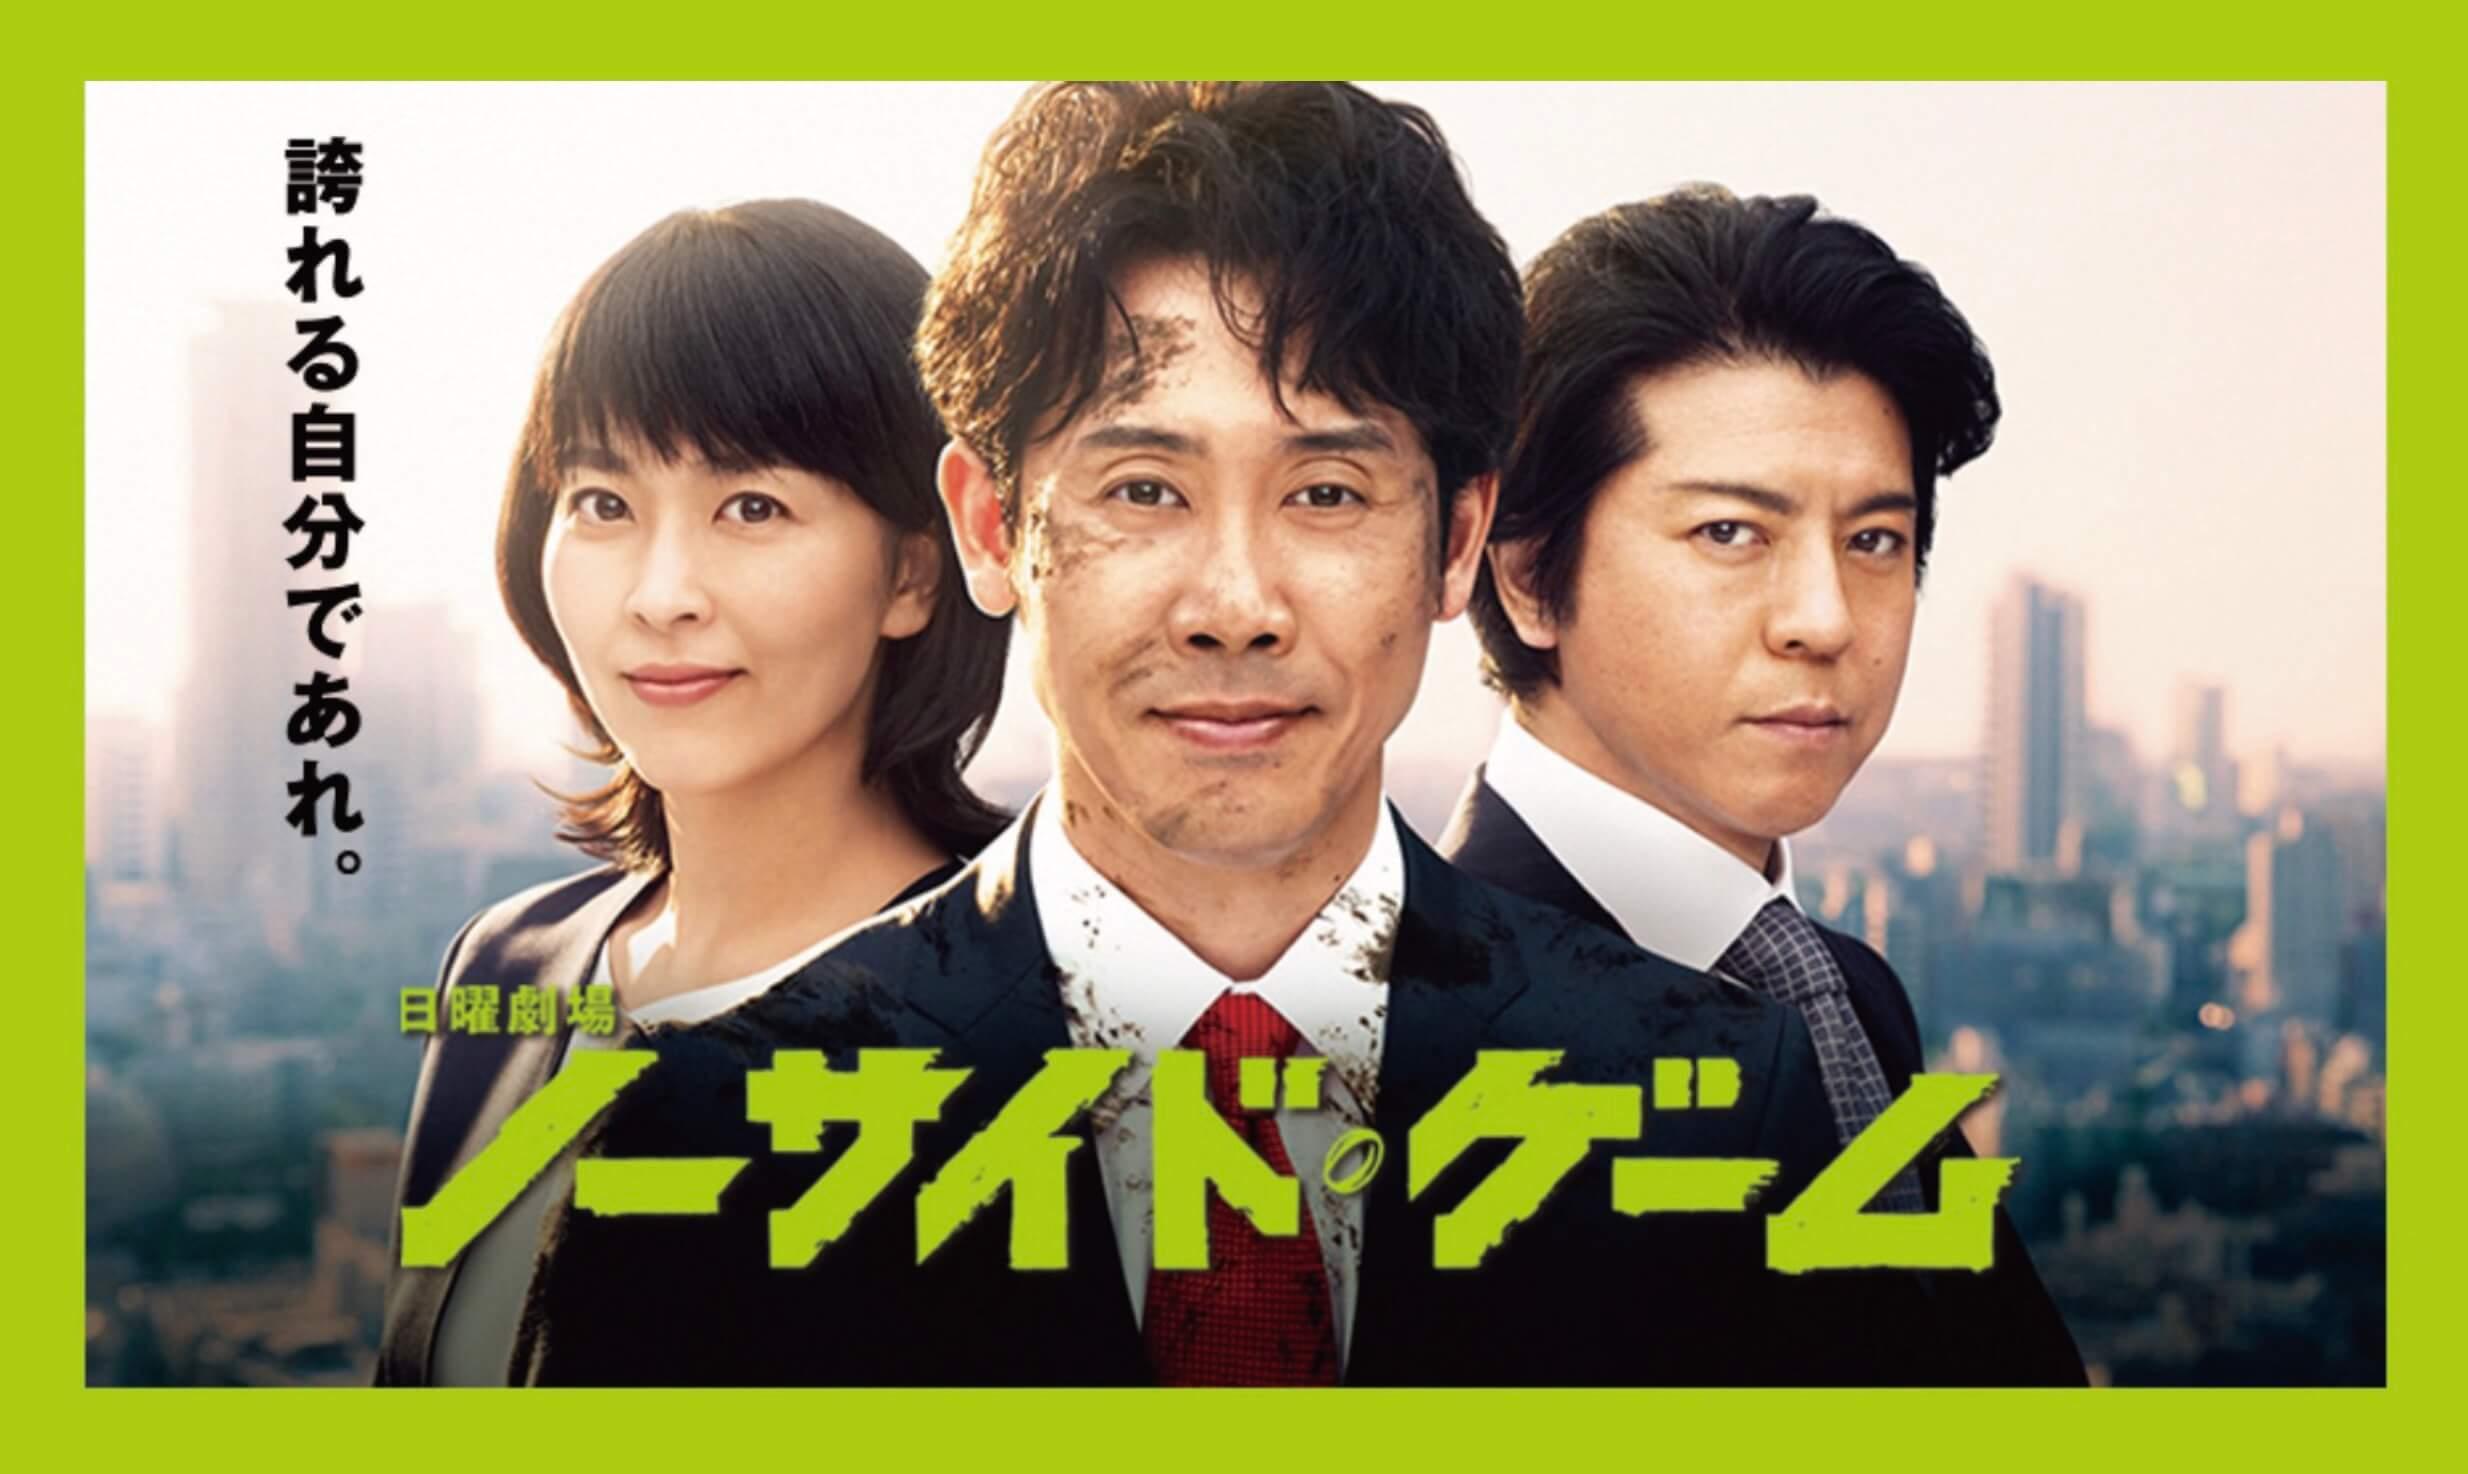 ノーサイド・ゲーム|動画1話〜最終回のドラマ全話を無料視聴する方法!